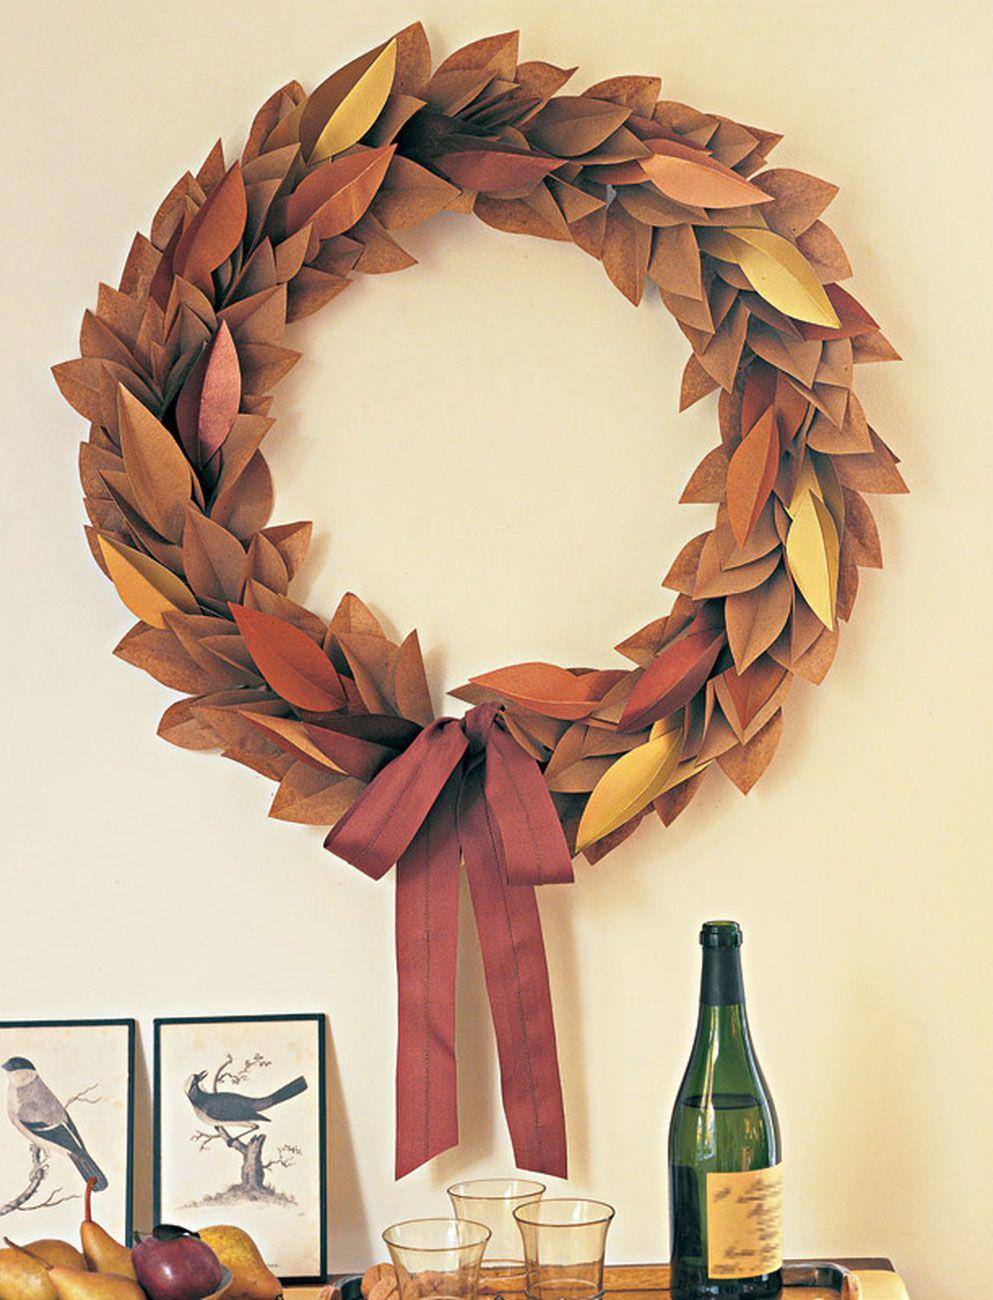 Guirlanda de Natal simples com folhas de outono e laço com fita vinho